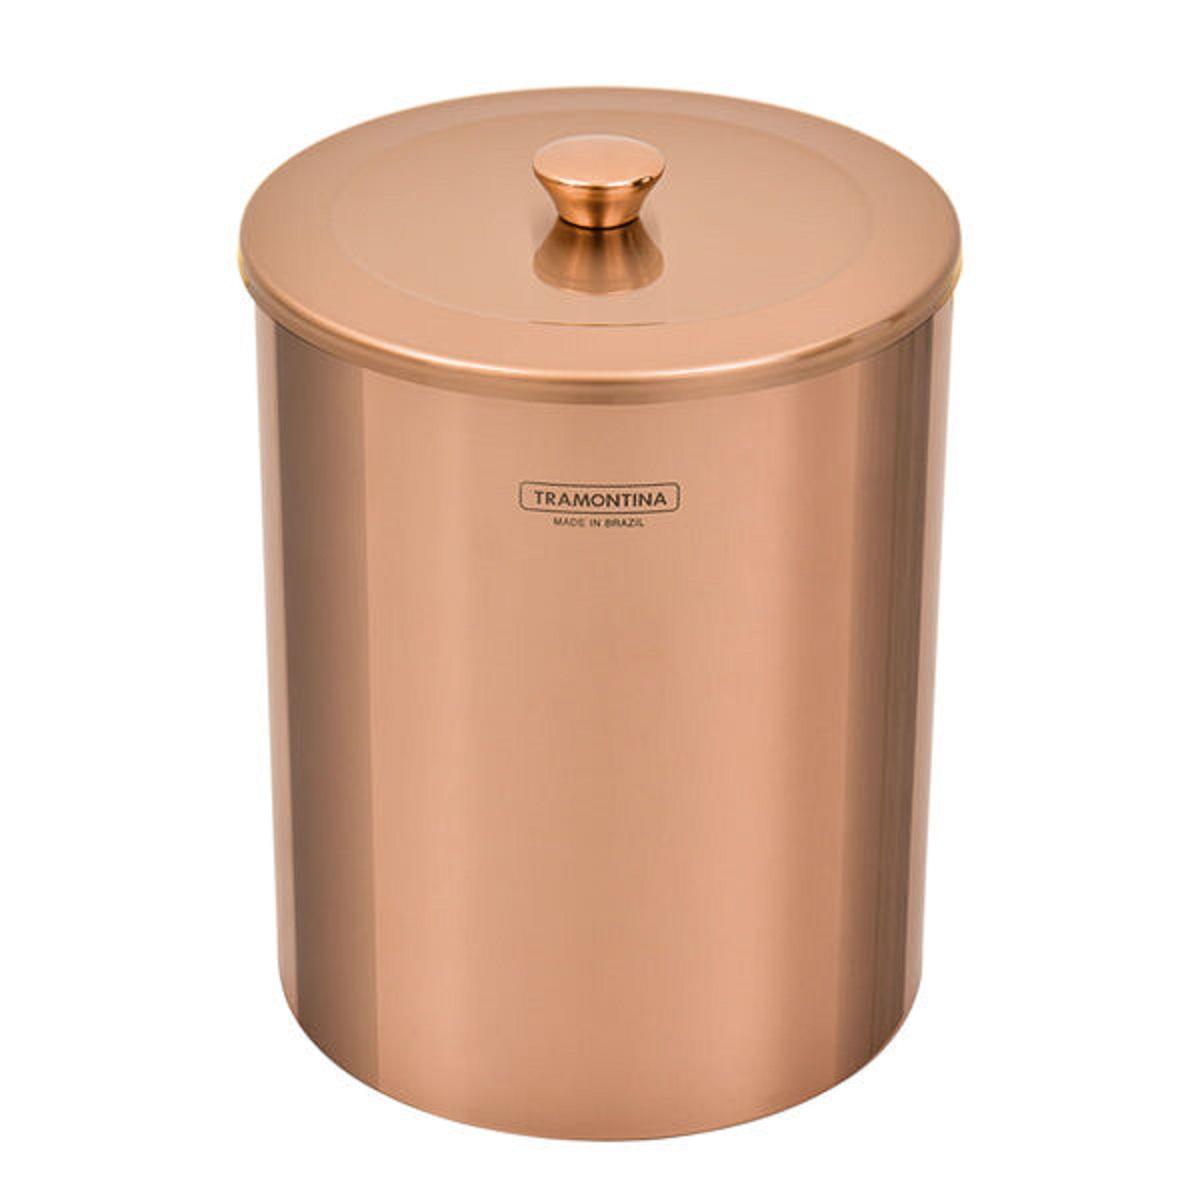 LIXEIRA 5L  ROSE GOLD -TRAMONTINA